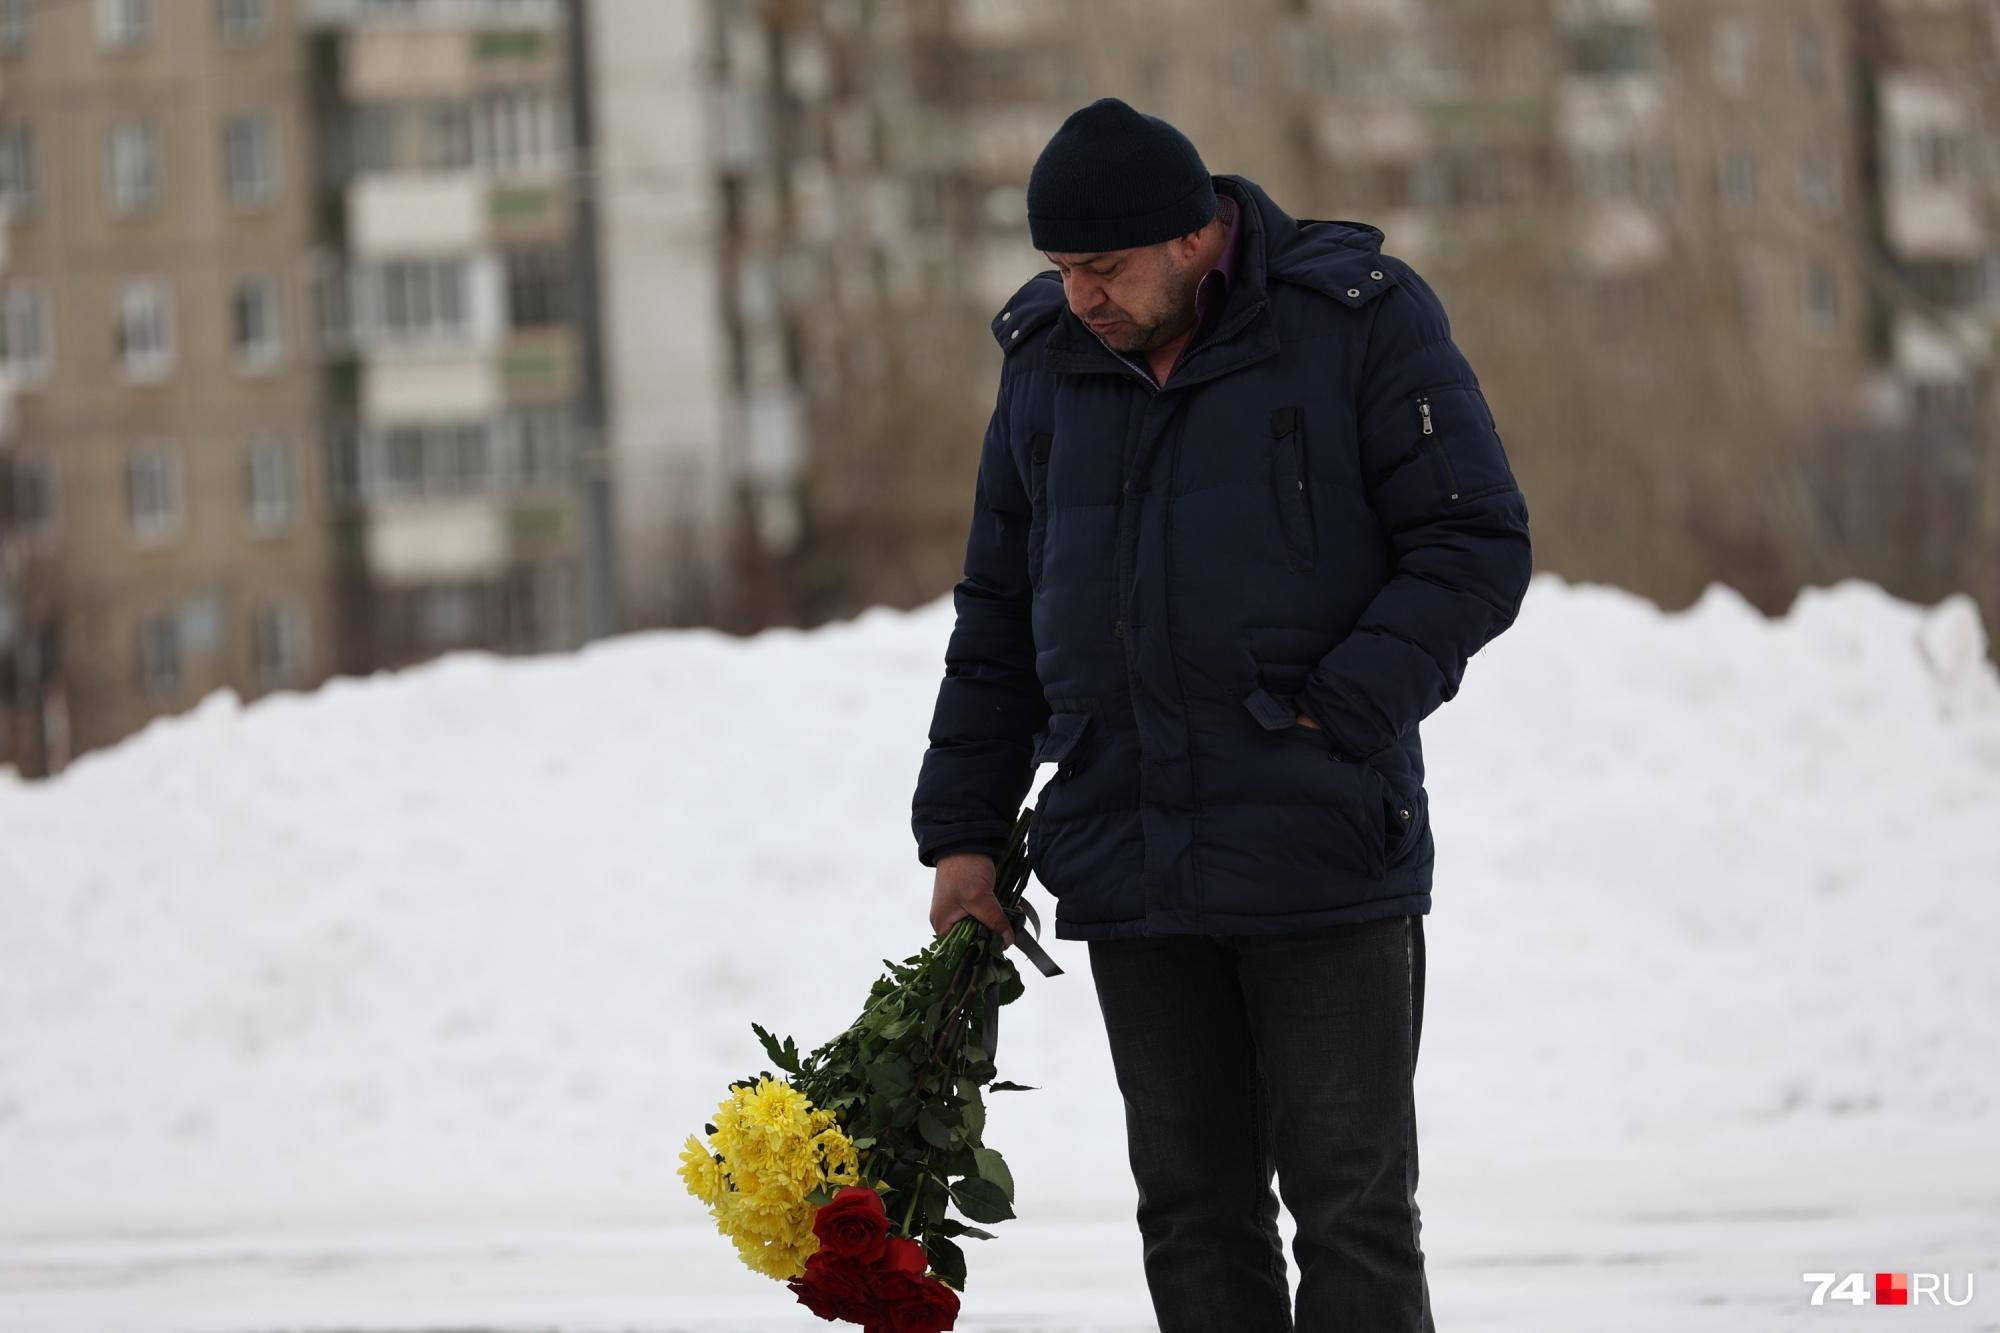 В Челябинске простились с 19-летним хоккеистом, умершим после тяжелой травмы на льду. Онлайн-репортаж